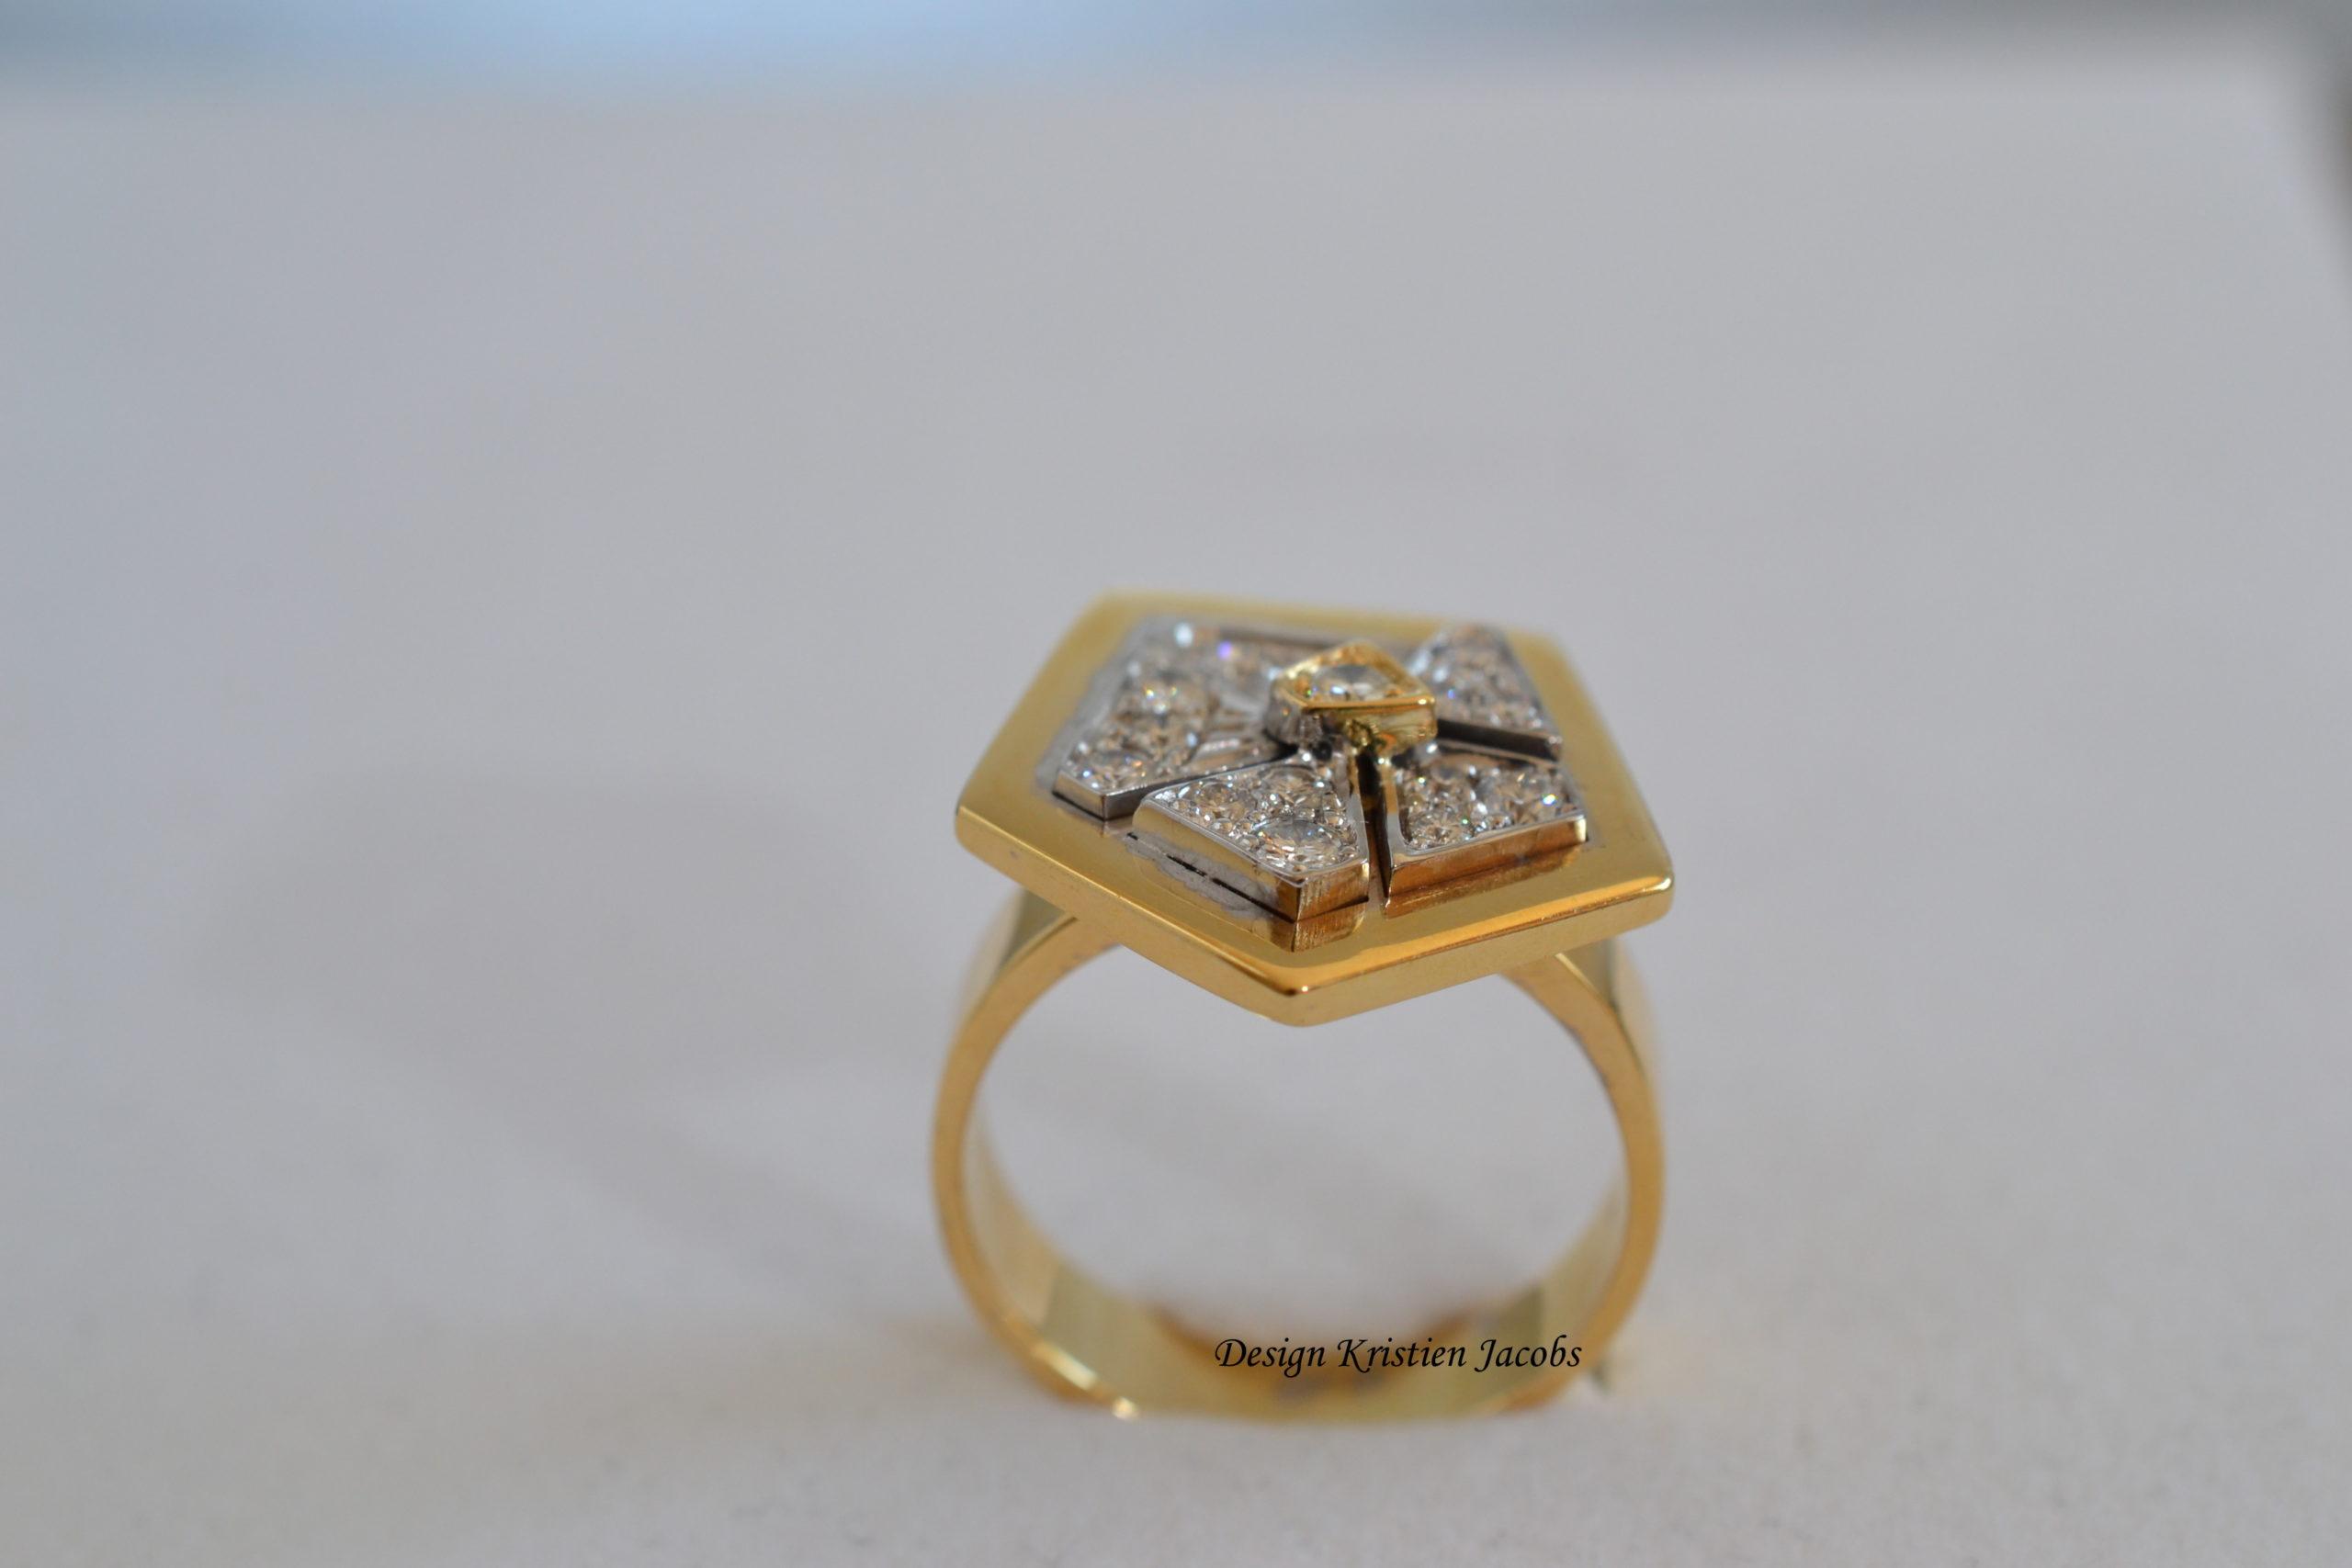 Tangram ring bi-color, originele ring, gemaakt in combinatie 3d design en handwerk, naar ontwerp Kristien Jacobs